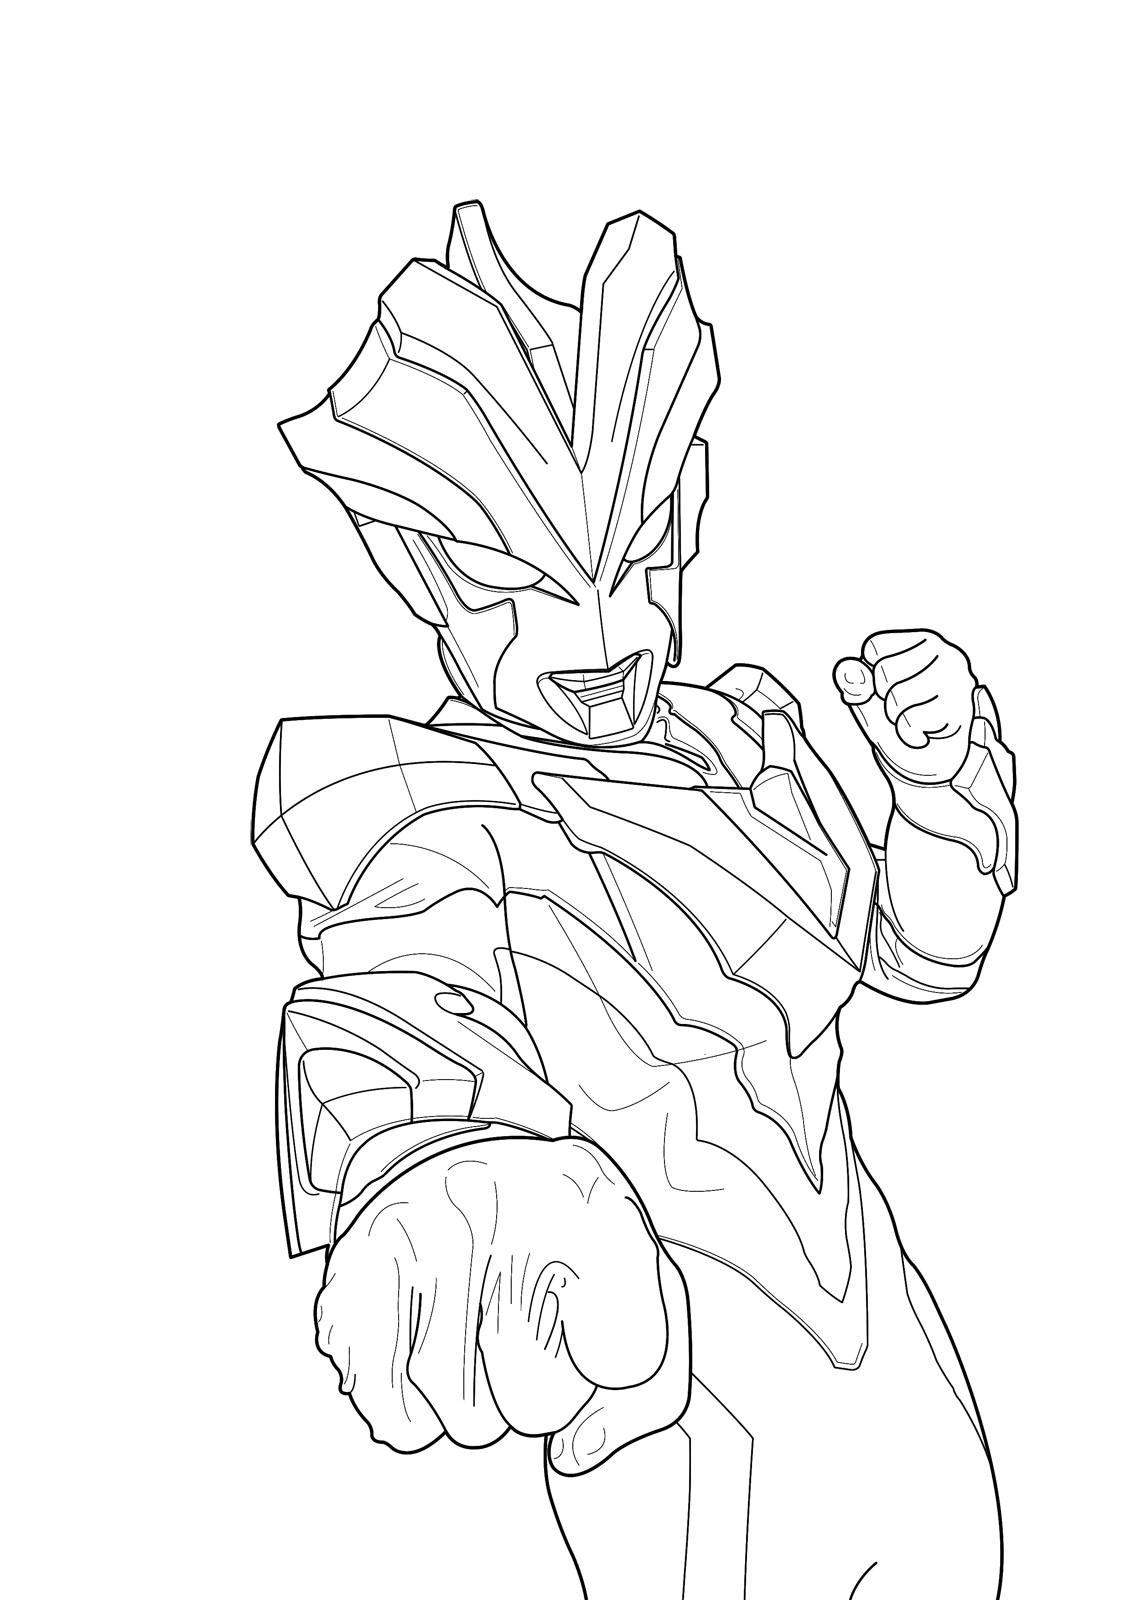 Mewarnai Sketsa Gambar Ultraman Zero Terbaru